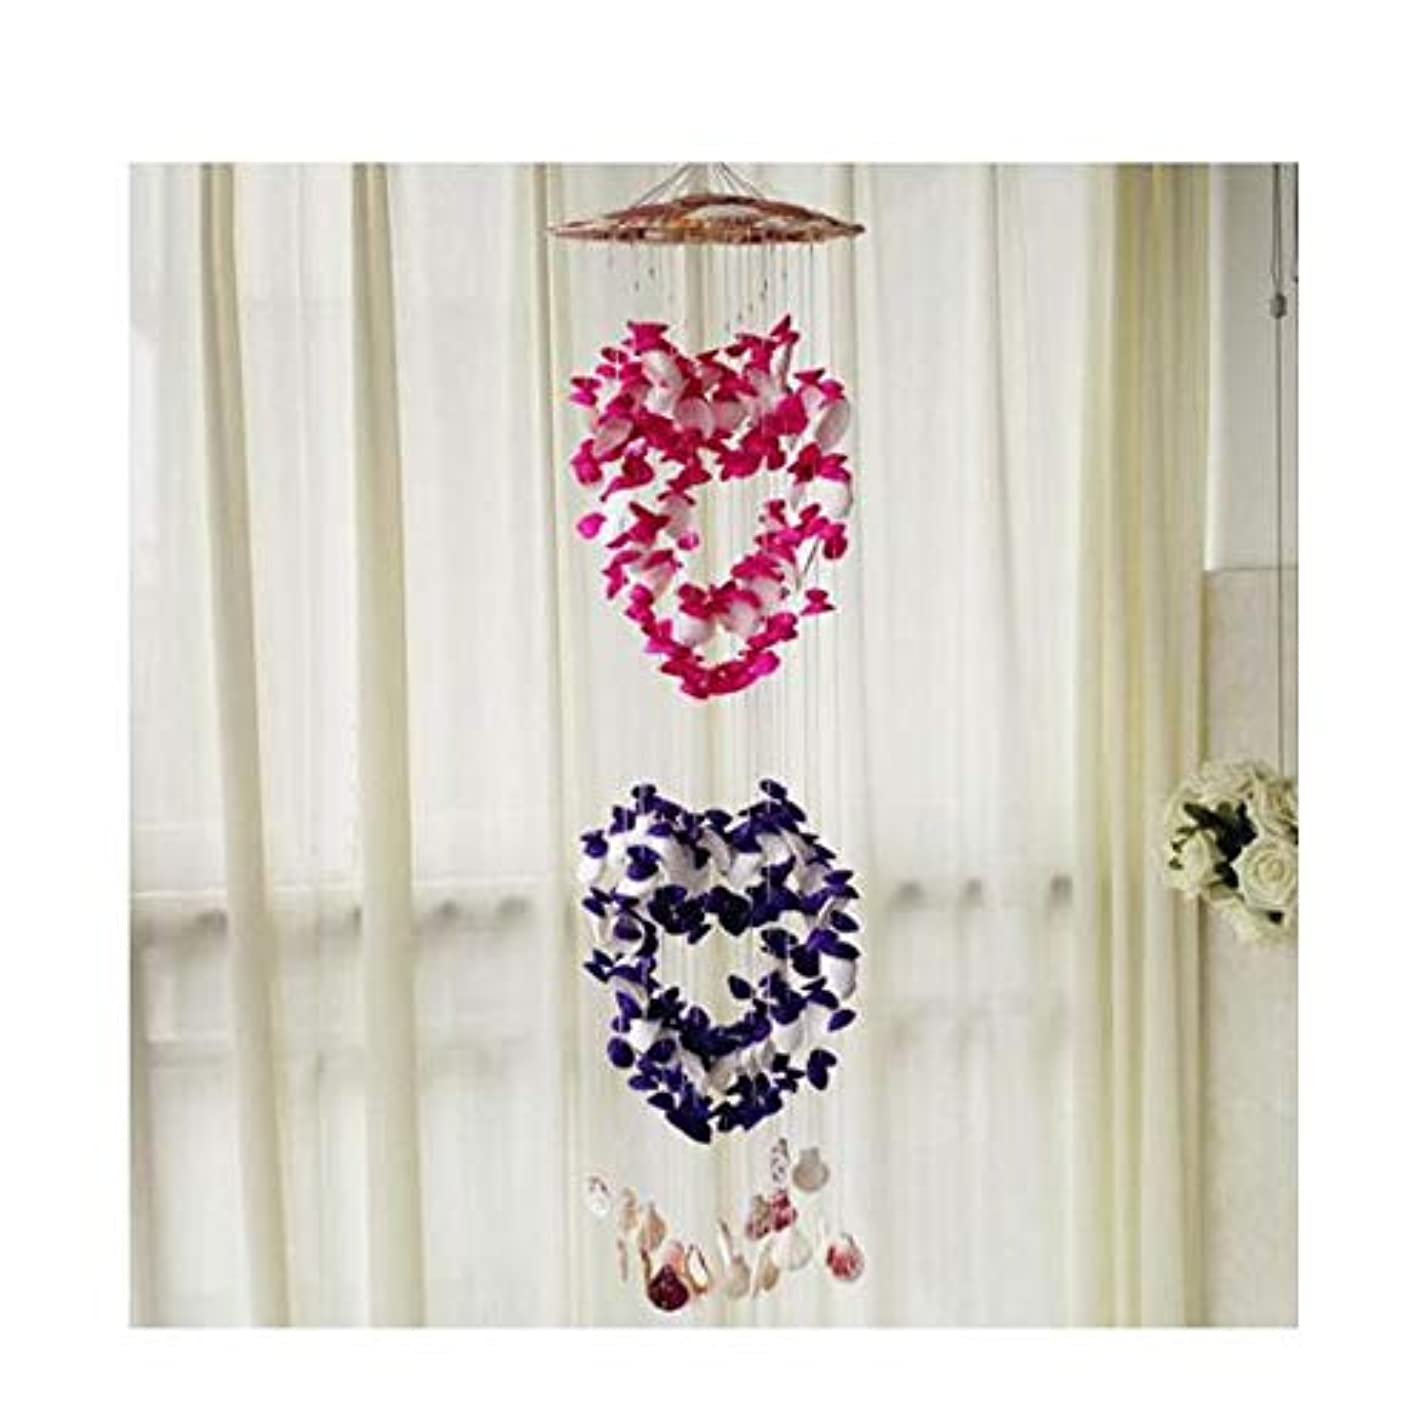 切手インデックス偉業風チャイム、シェル風のチャイムペンダント、自然シェル風チャイムパターンハート型の飾り、カップル誕生日プレゼント (Size : 80cm)